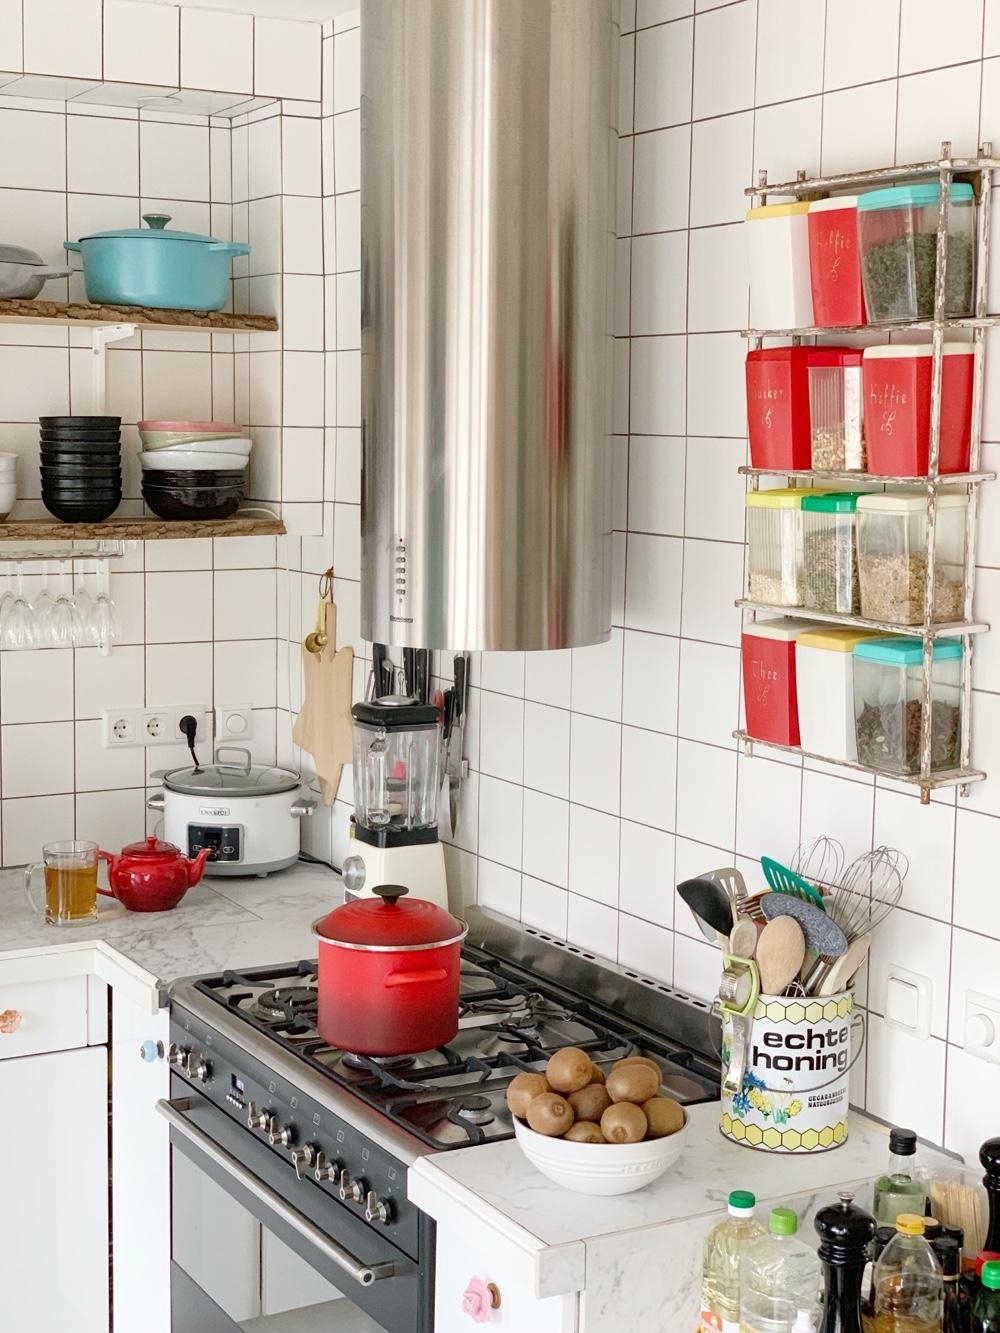 keuken inspiratie OHIMP